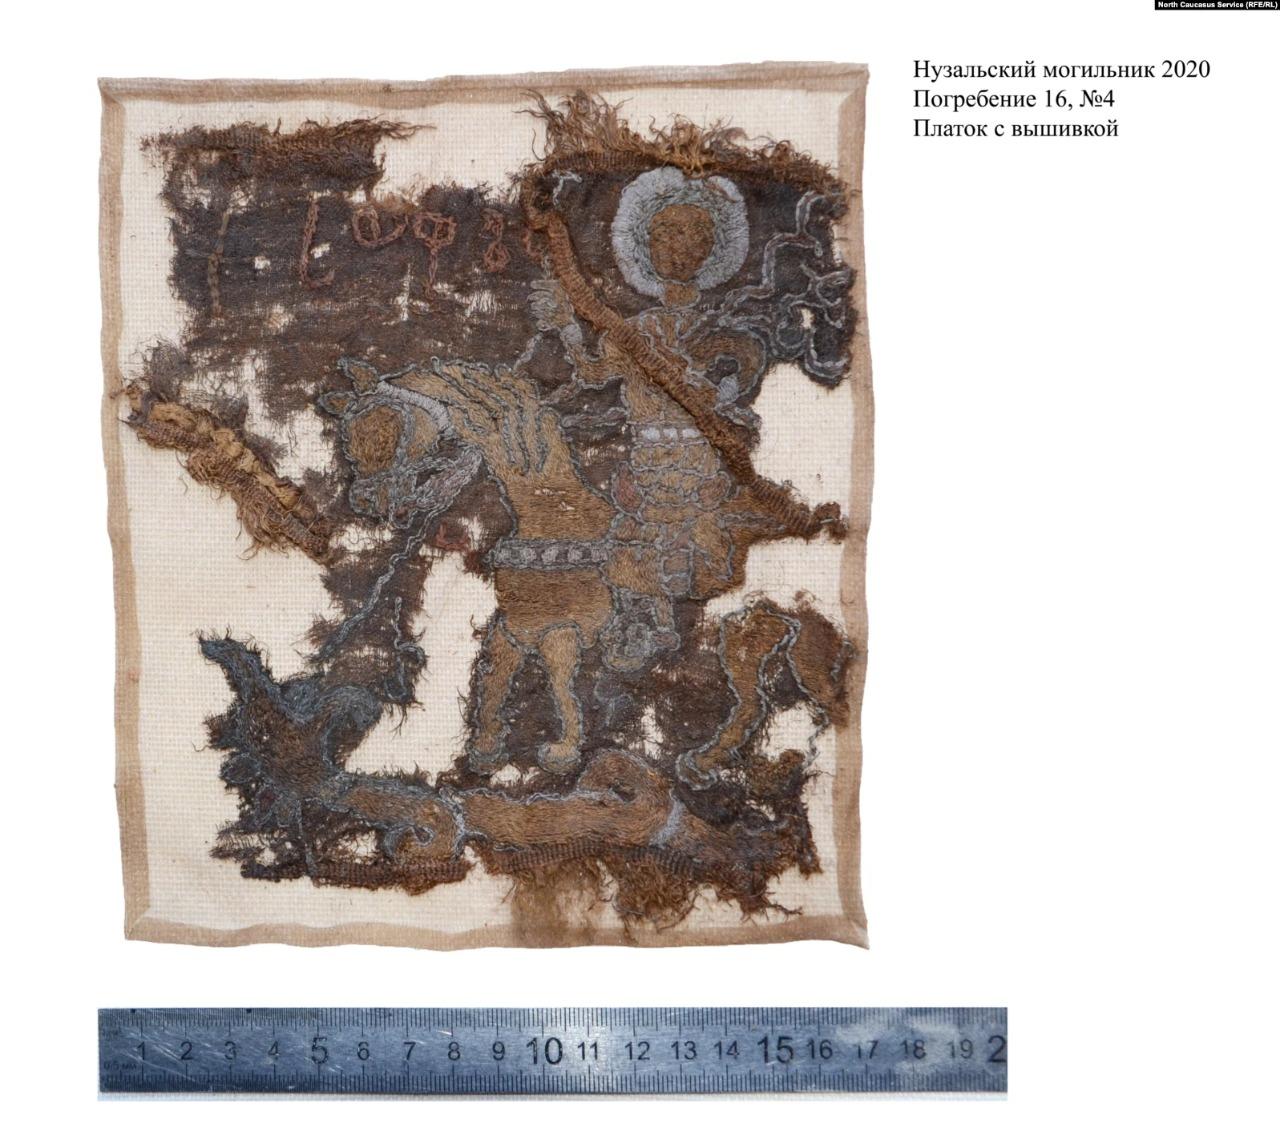 Найденные артифакты в Северной Осетии